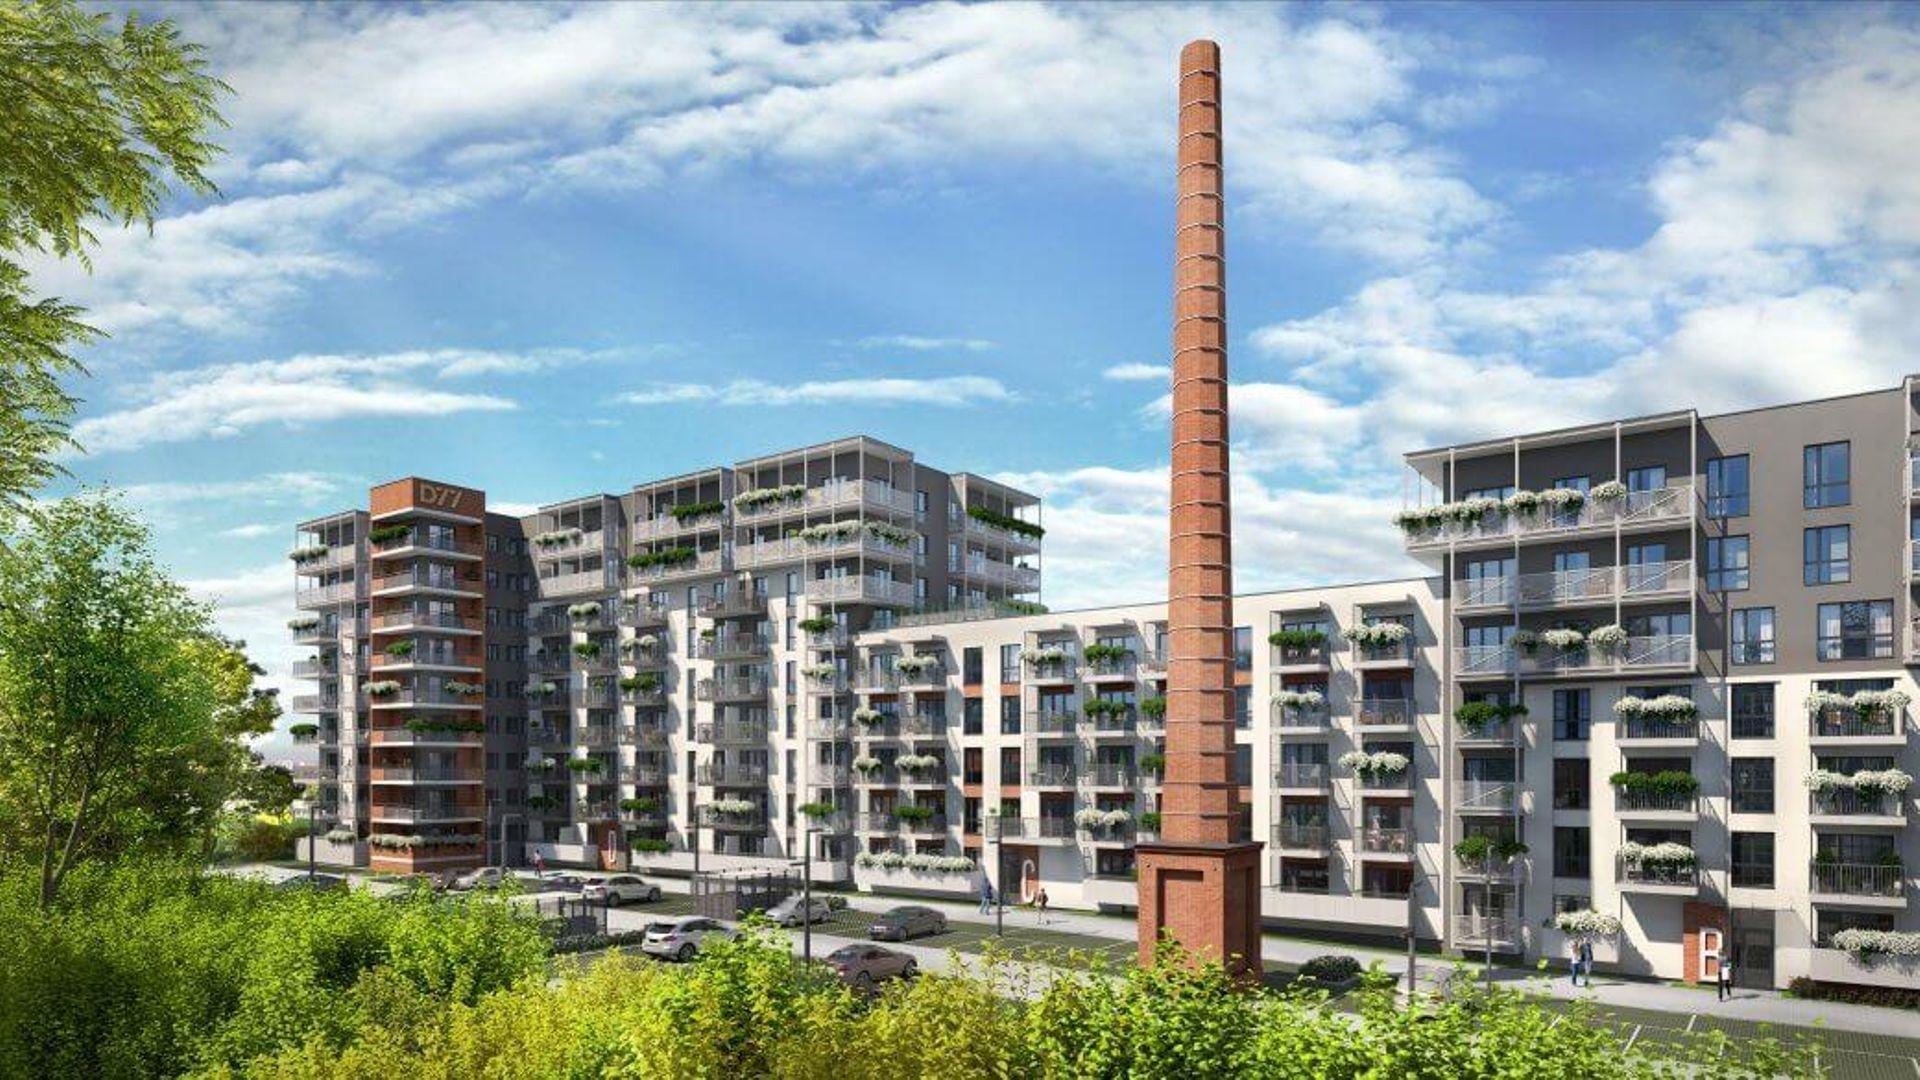 Łódź: Drewnowska 77 – w zabytkowym kompleksie przy Manufakturze powstają lofty i apartamenty